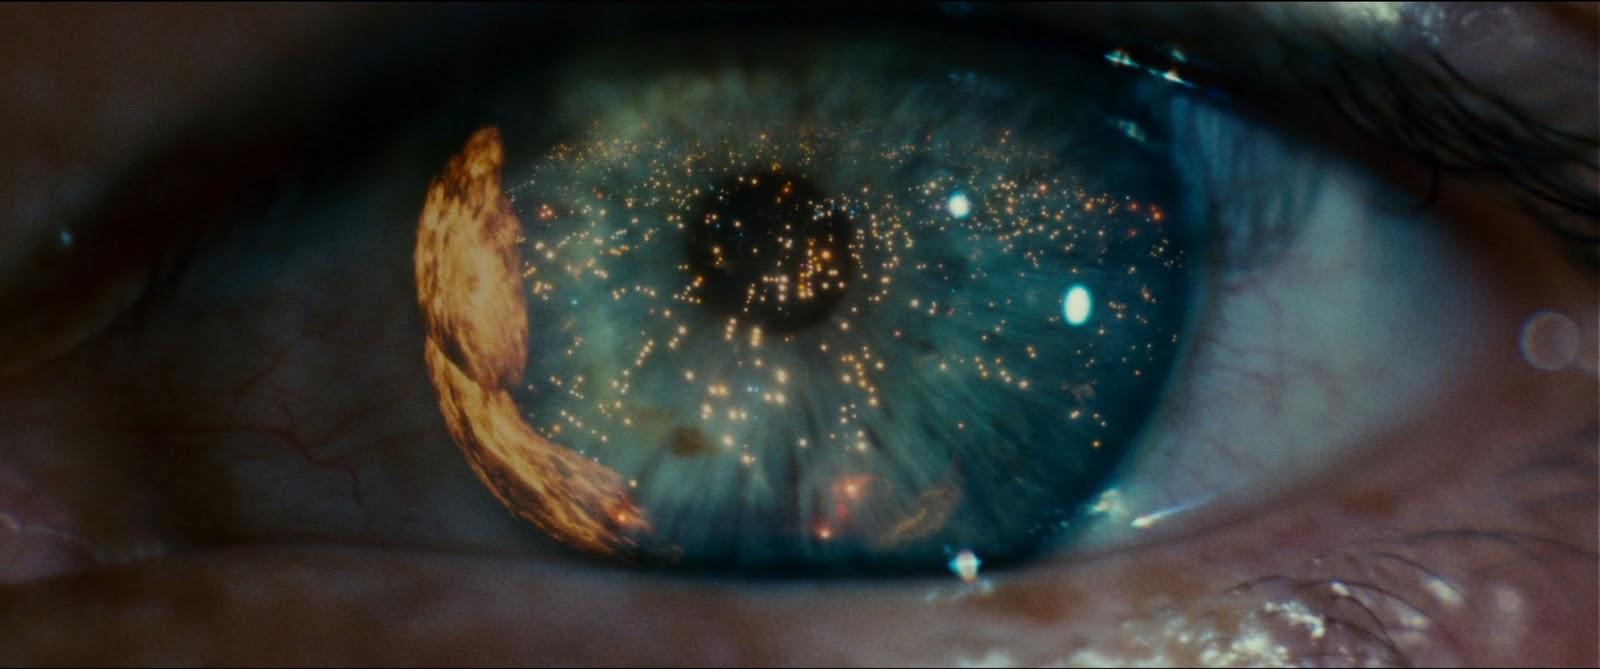 Стоит заметить, что с 70-80х годов глаз становится также одним из популярных образов на кинопостерах